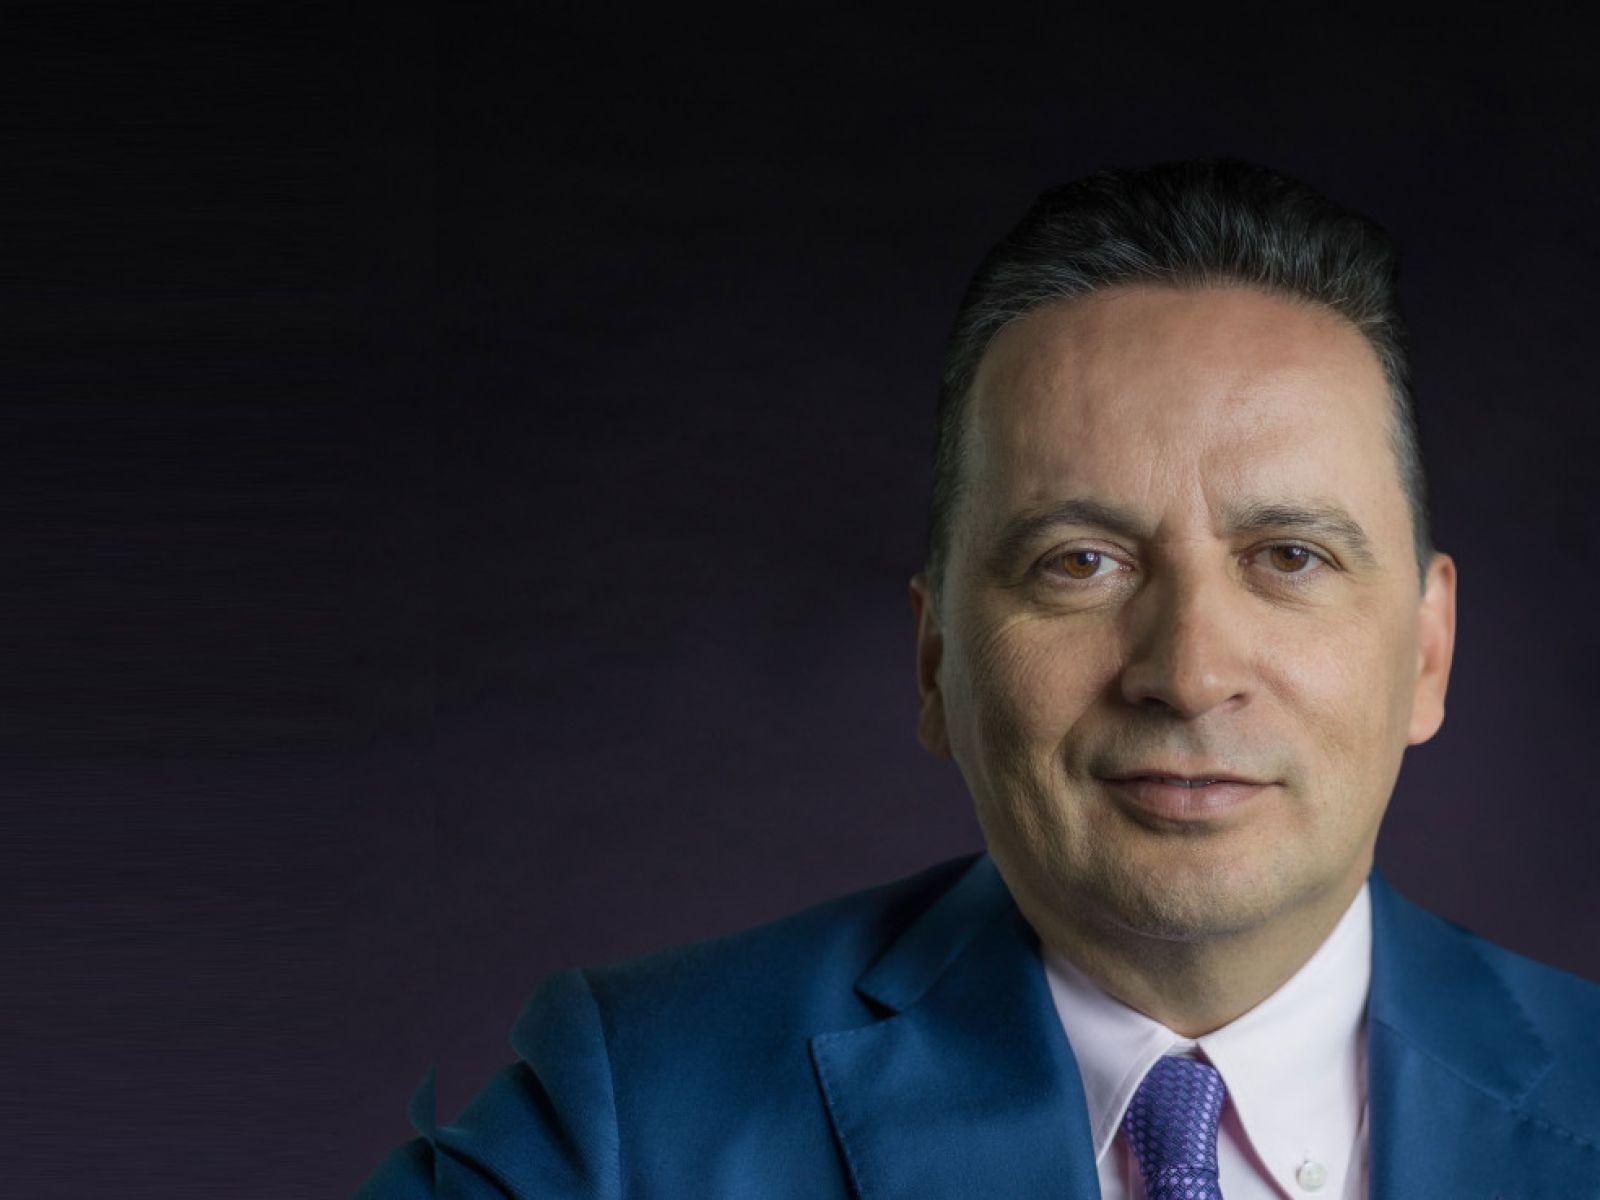 Claudio Cisullo pentru ZF: Bucureştiul are un mare potenţial de creştere datorită prezenţei companiilor internaţionale şi disponibilităţii terenurilor în zone centrale